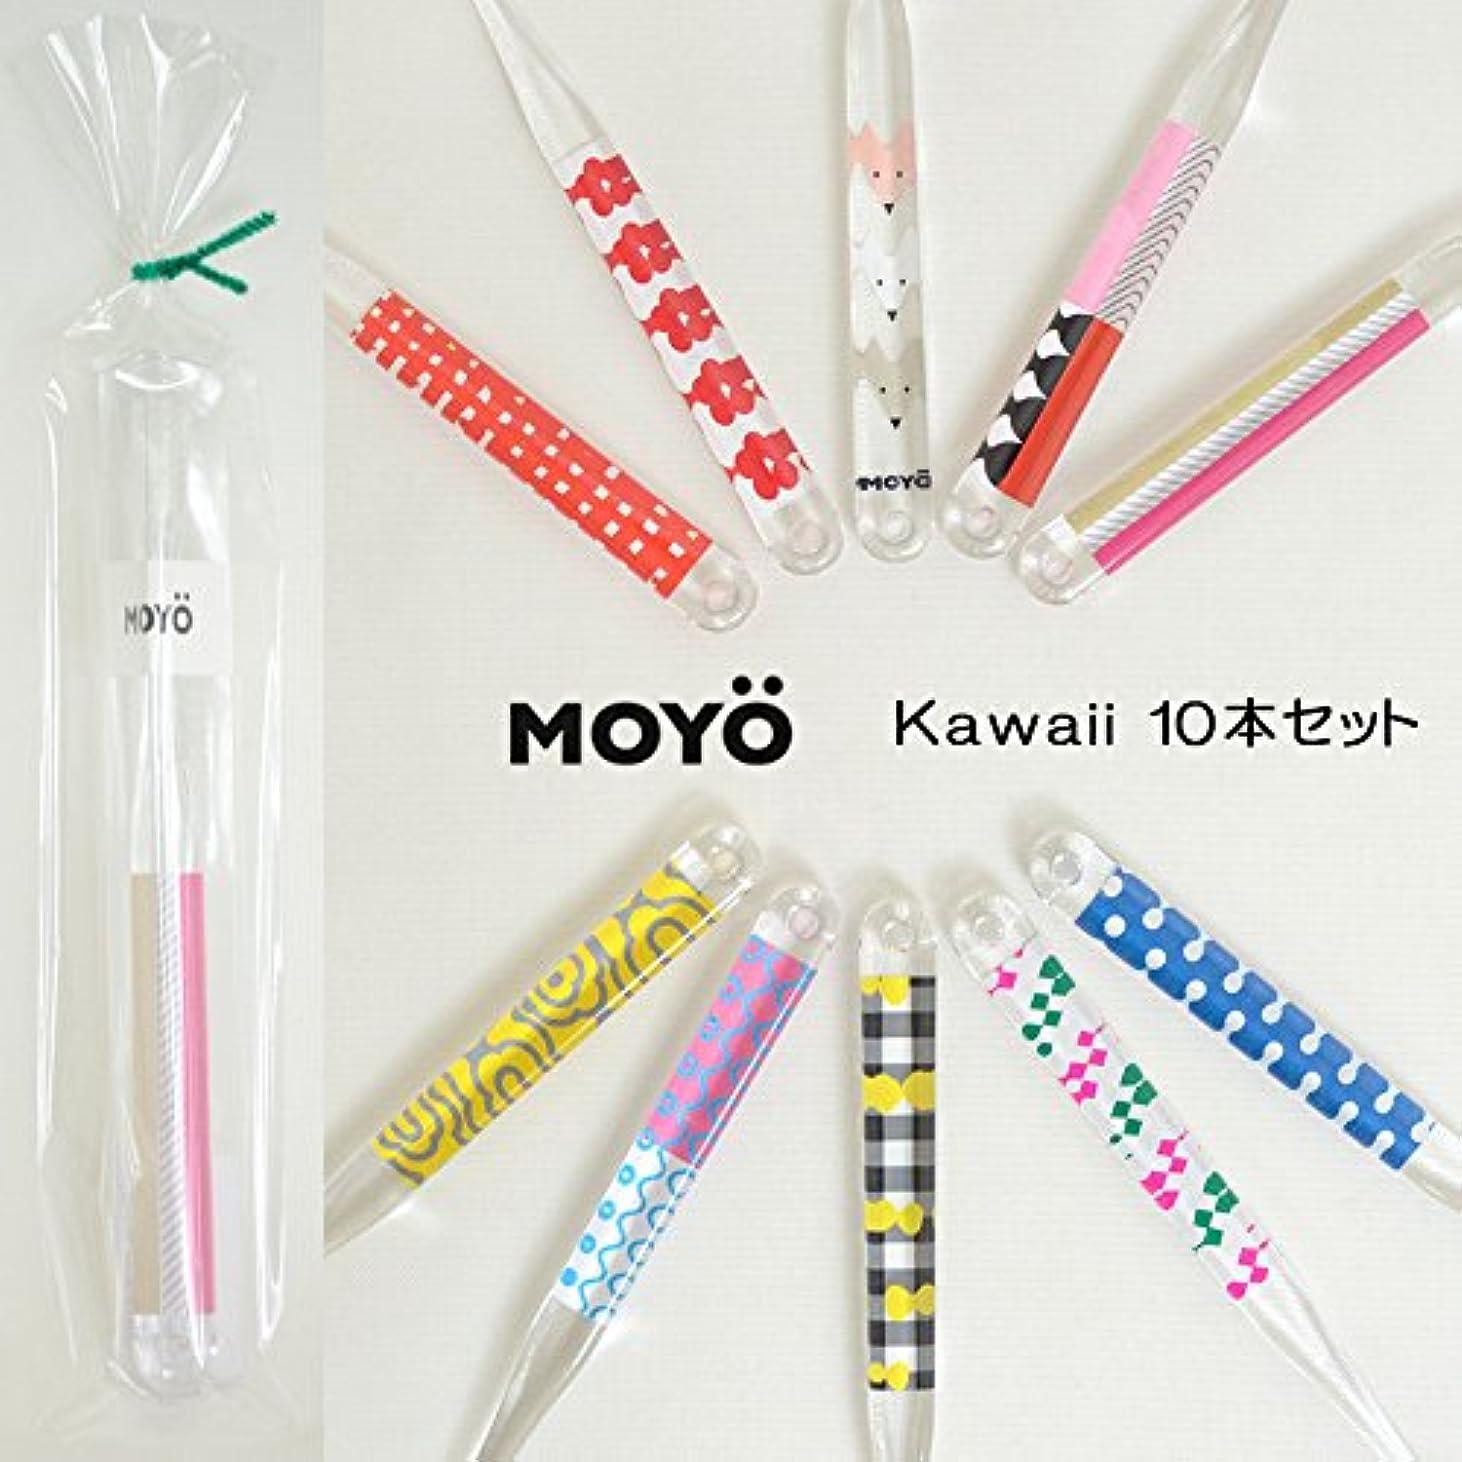 ゴシップ揮発性小間MOYO モヨウ kawaii10本 プチ ギフト セット_562302-kawaii2 【F】,kawaii10本セット